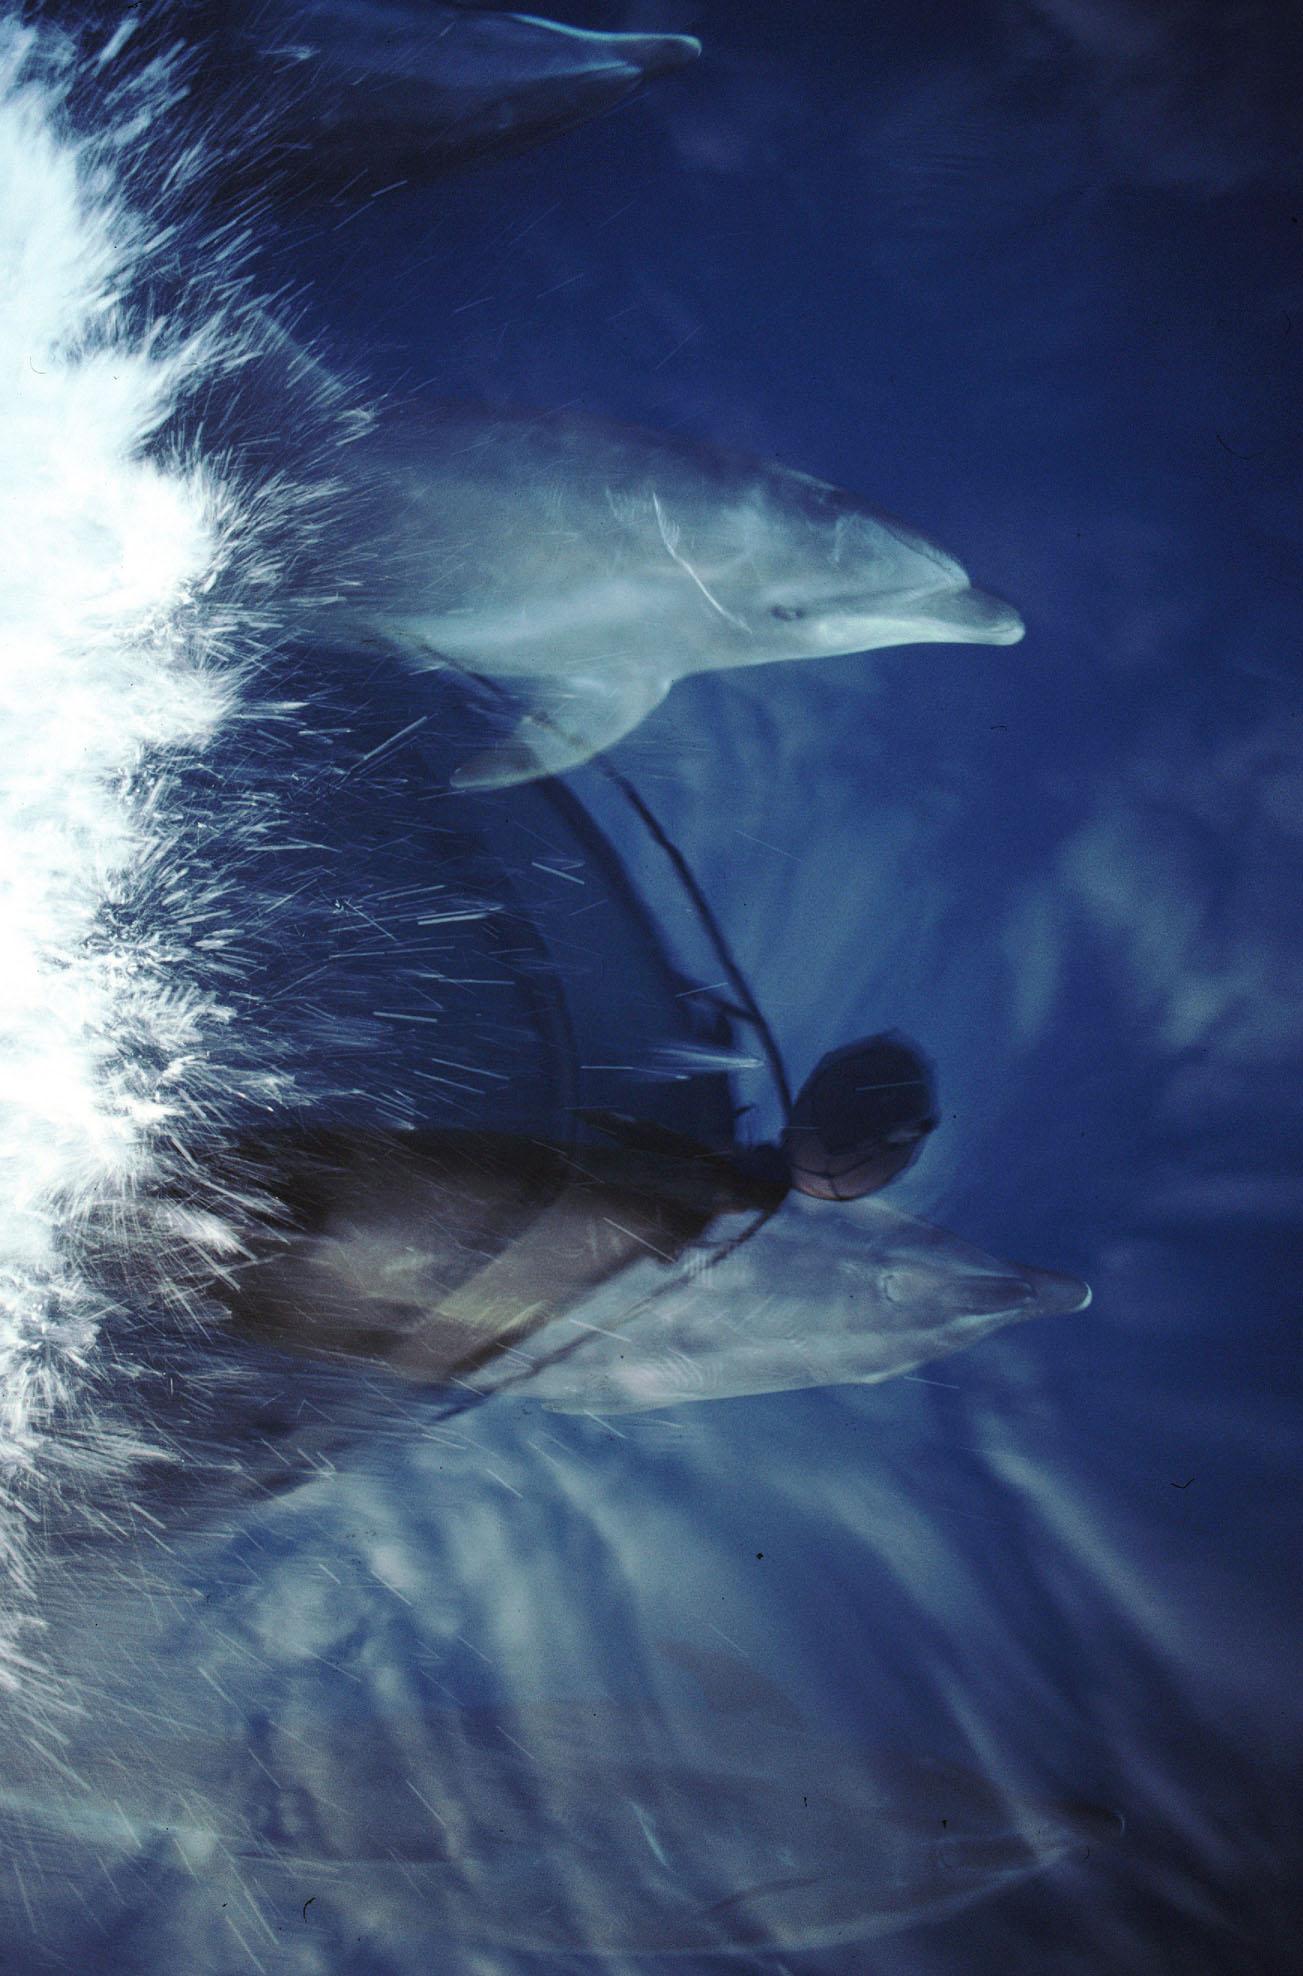 Rapsodia Blu: mostra fotografica di Luca Sonnino Sorisio, all'isola di Favignana, presso Ex Stabilimento Florio. Da venerdì 1 luglio, ore 10. La mostra rimarrà aperta fino al 30 settembre 2016